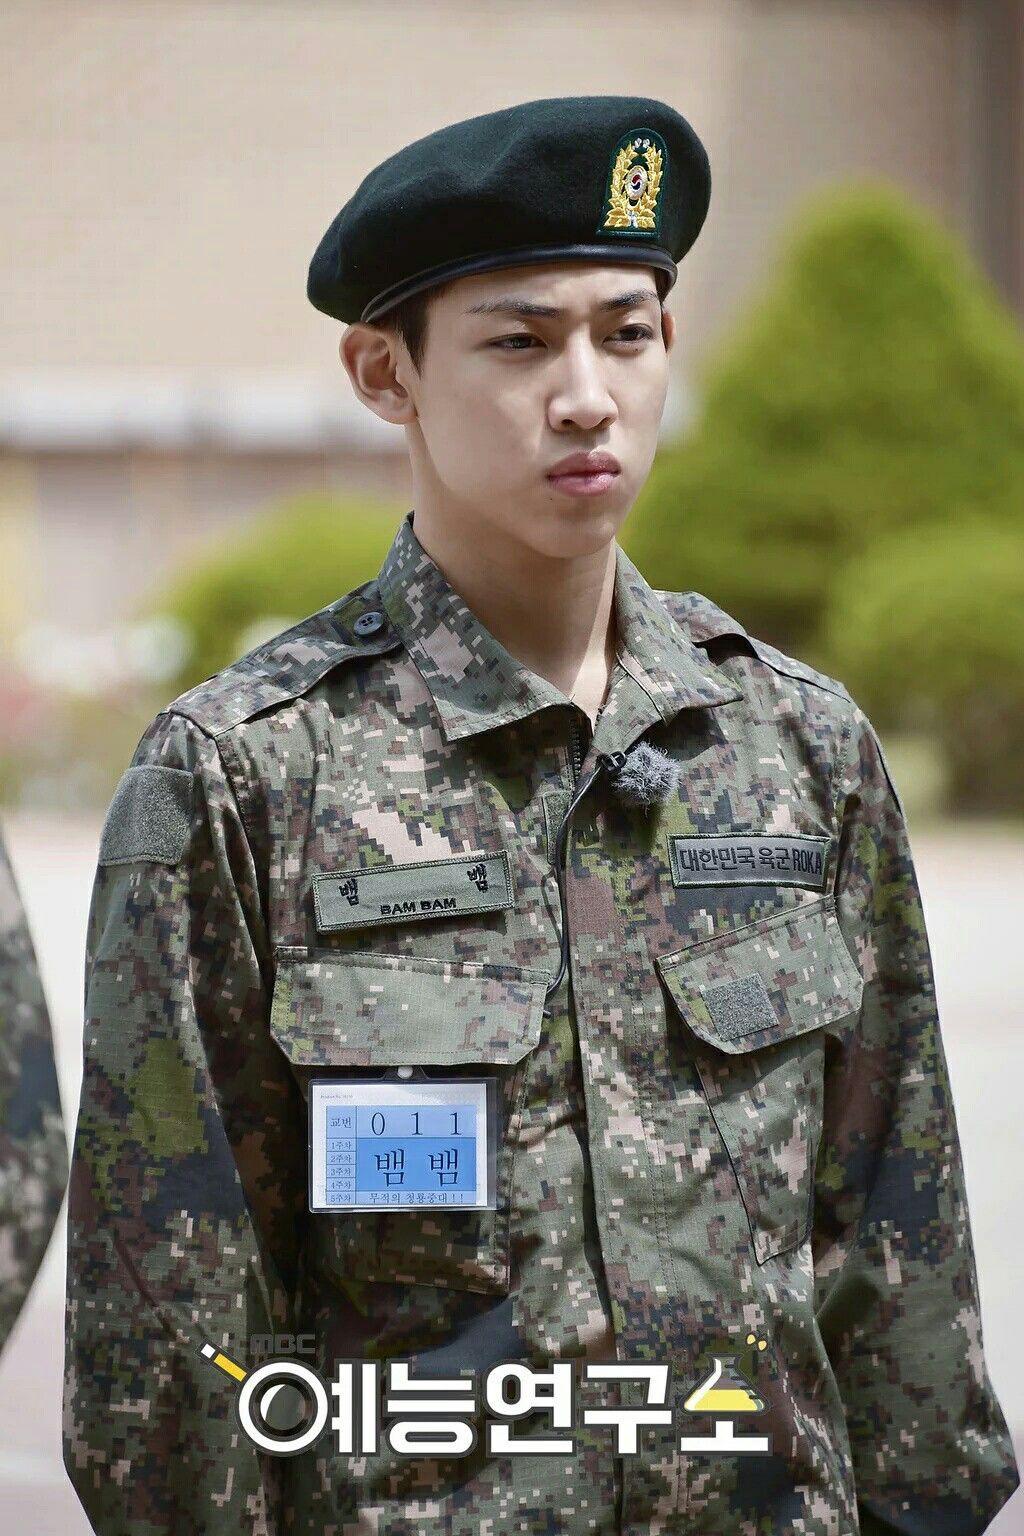 Không chỉ sao nữ, dàn Idol nam Hàn Quốc cũng lộ mặt mộc nhợt nhạt, lấm tấm mụn khi đi nhập ngũ - Ảnh 2.